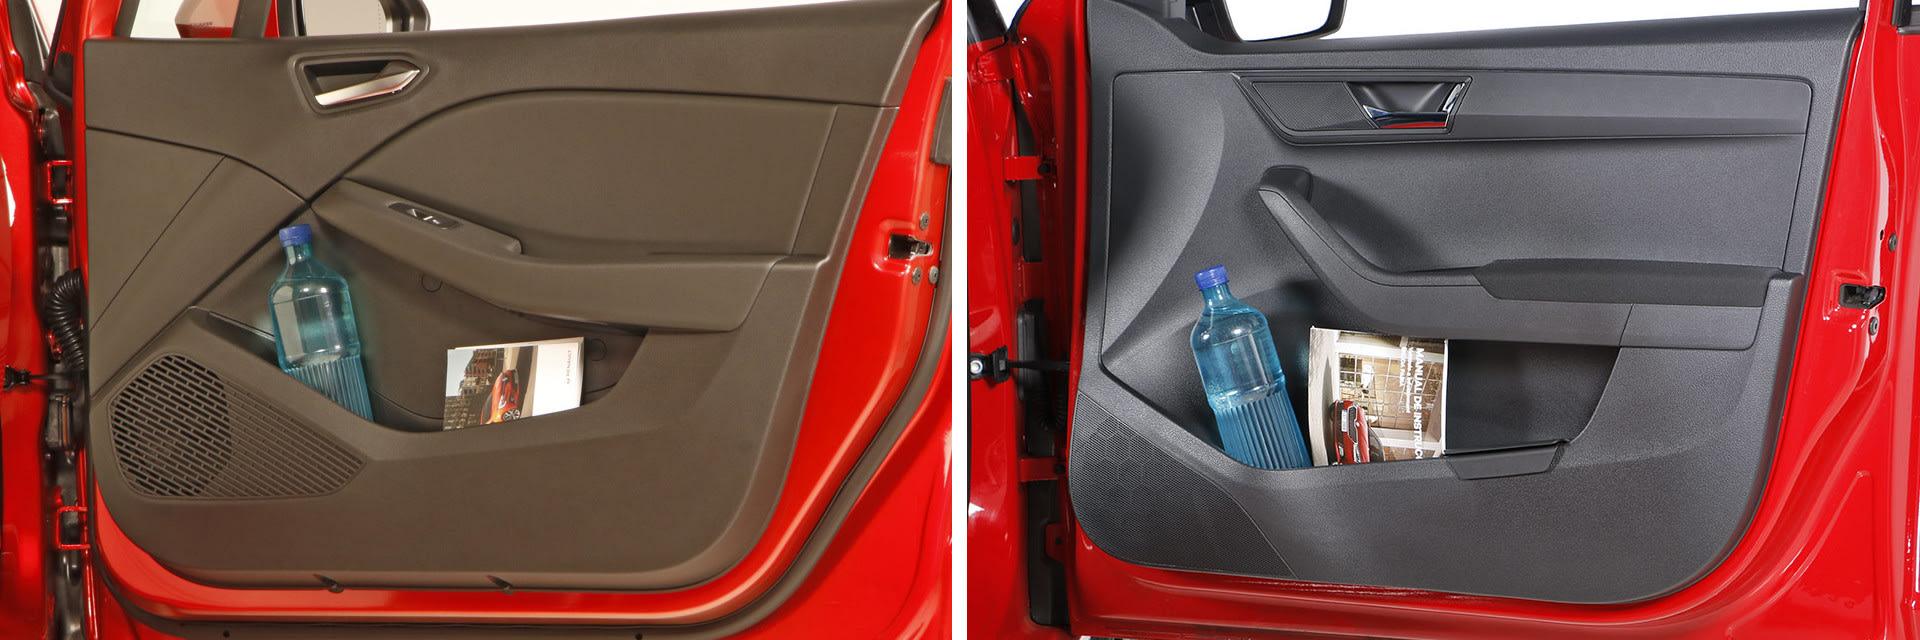 Los dos vehículos cuentan con suficientes guanteras y huecos para dejar los objetos del día a día. / km77